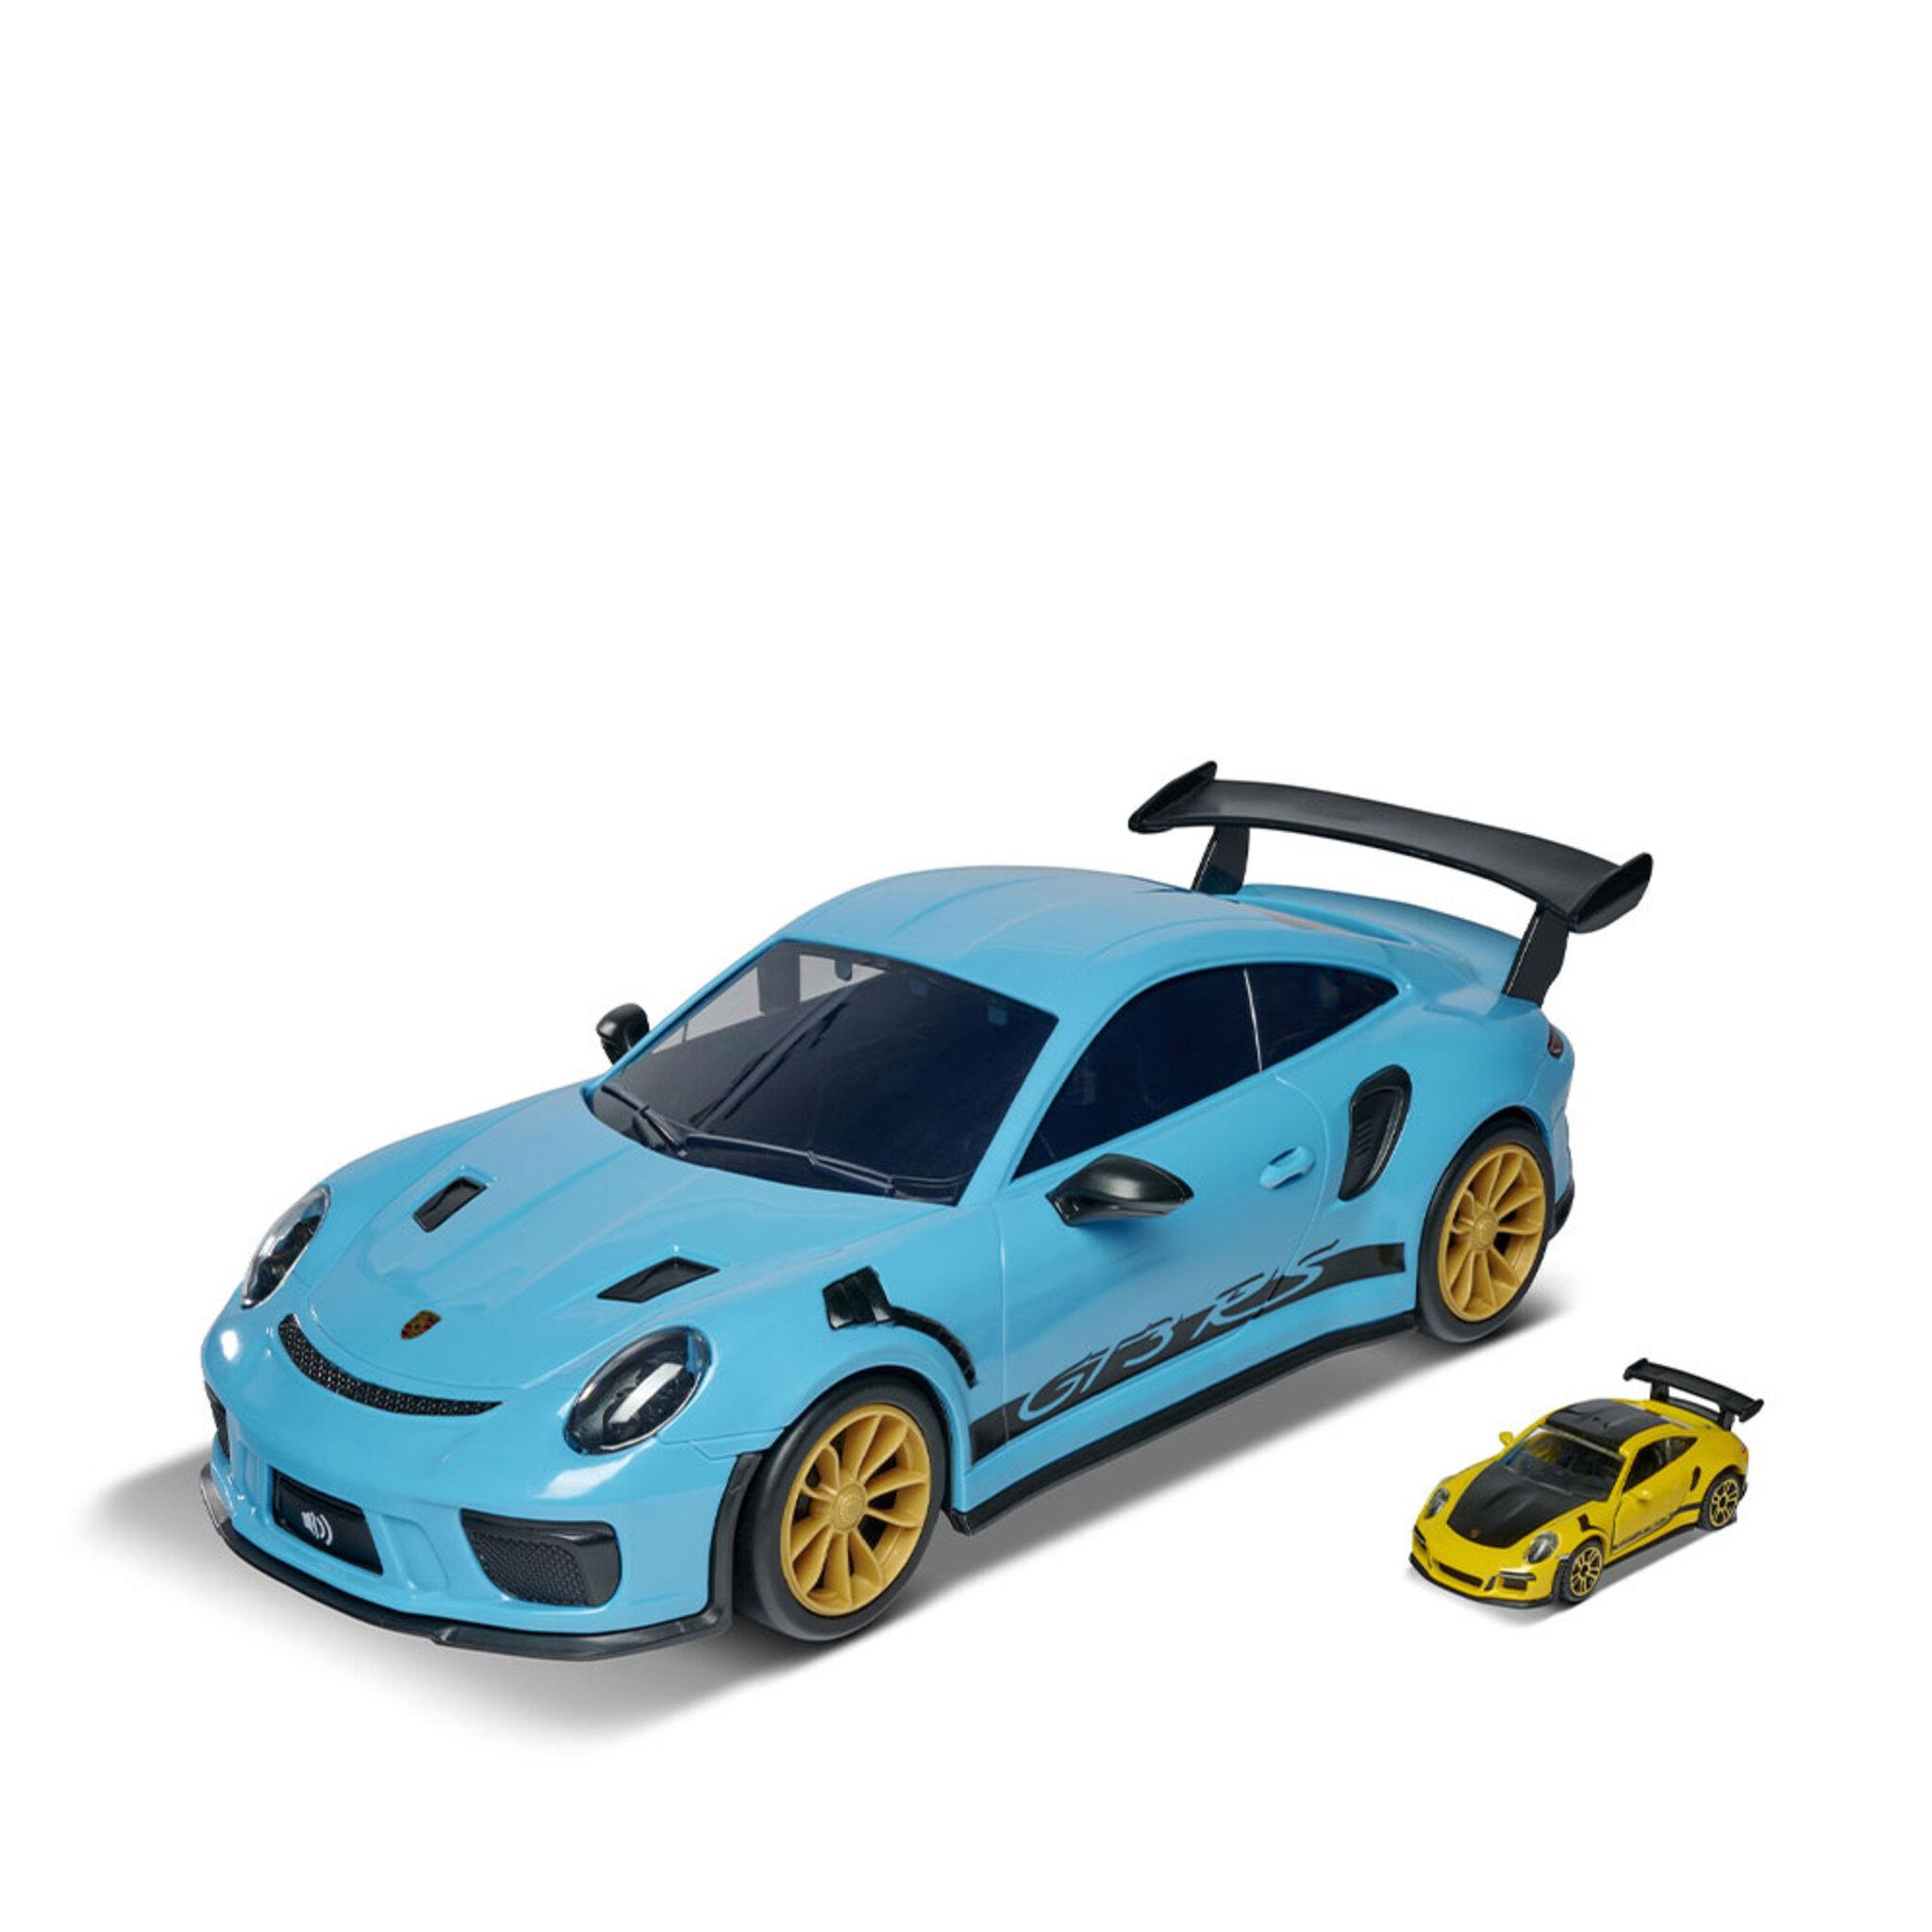 Majorette Porsche 911 GT3 RS Förvaringsbox + 1 Bil